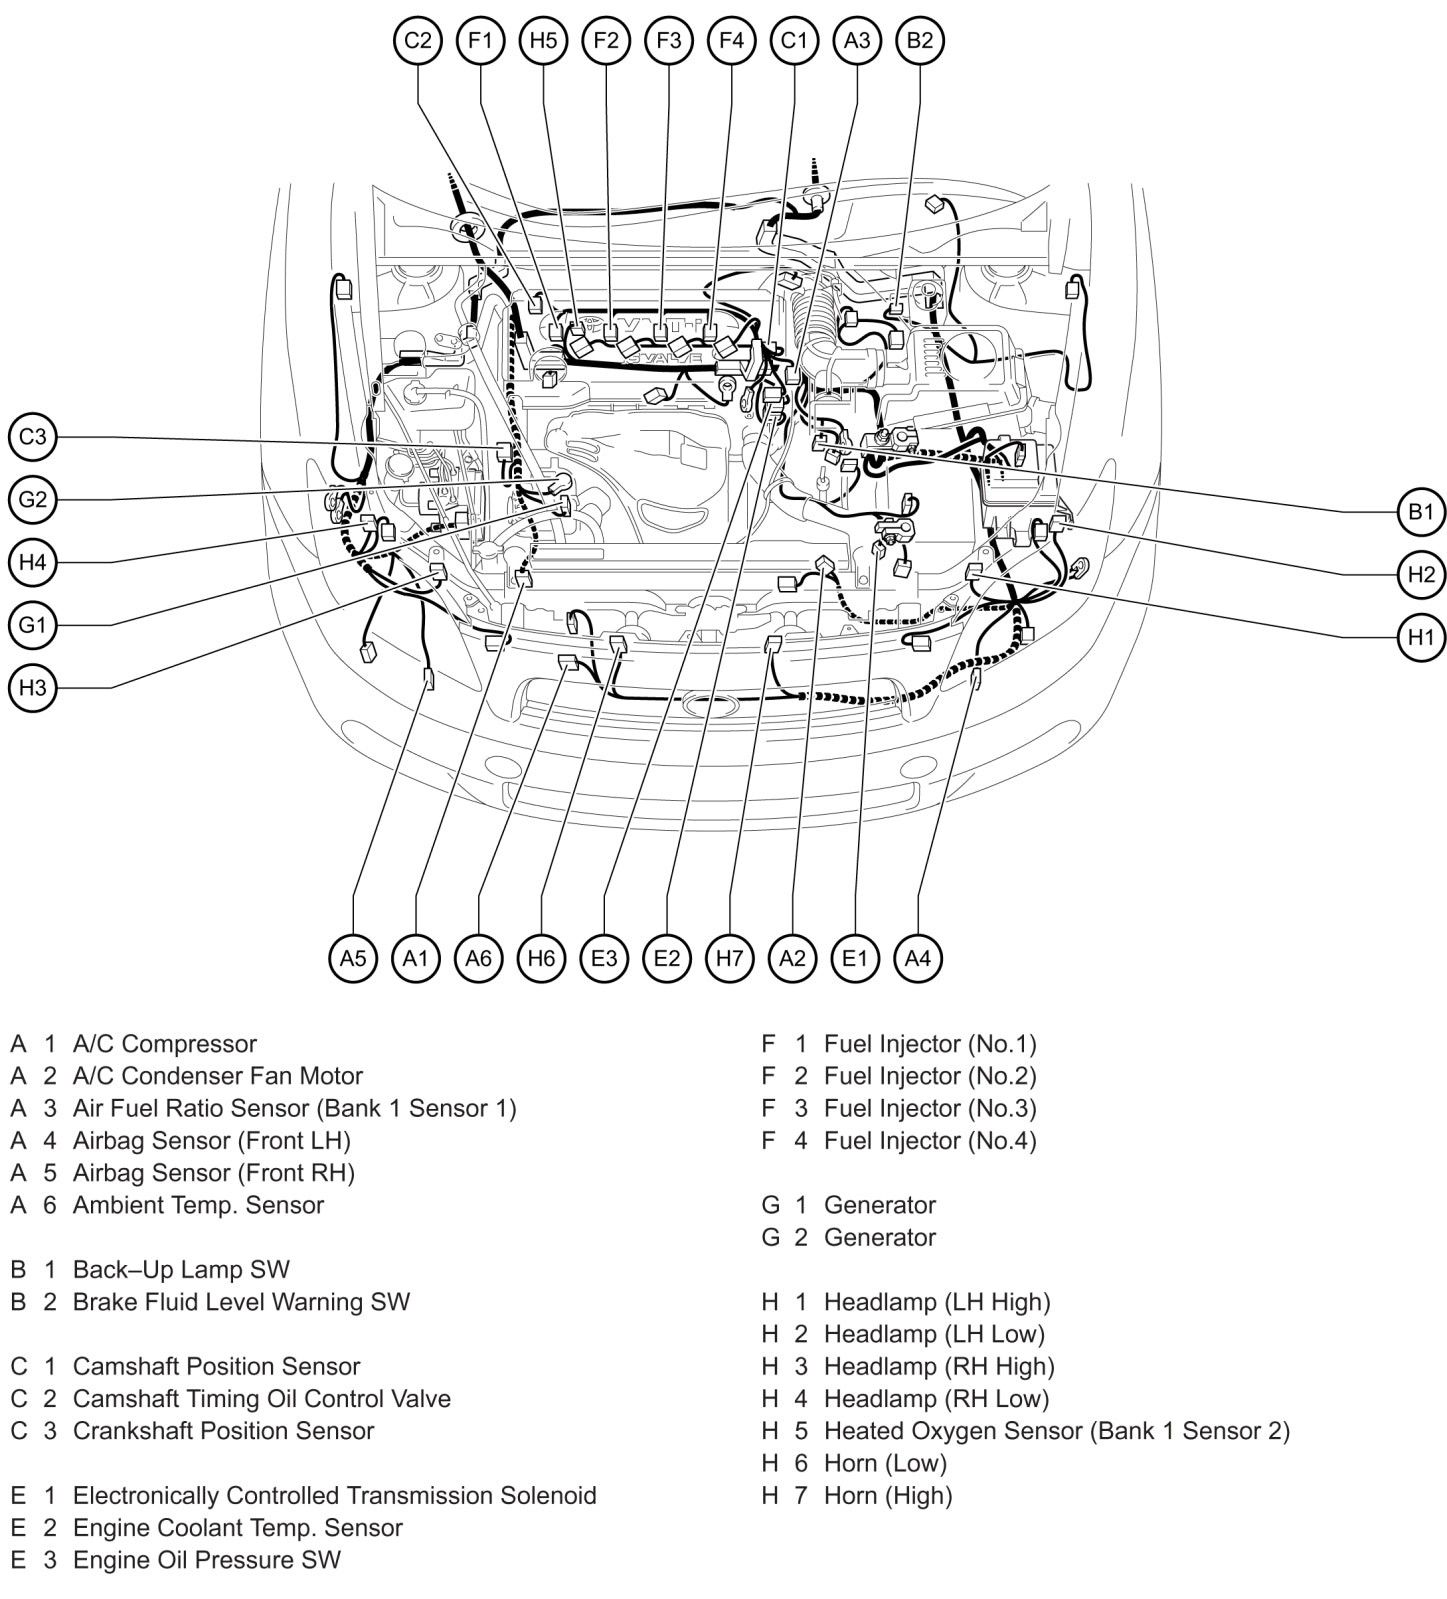 [DIAGRAM] 2006 Scion Xb Wiring Diagram Parts